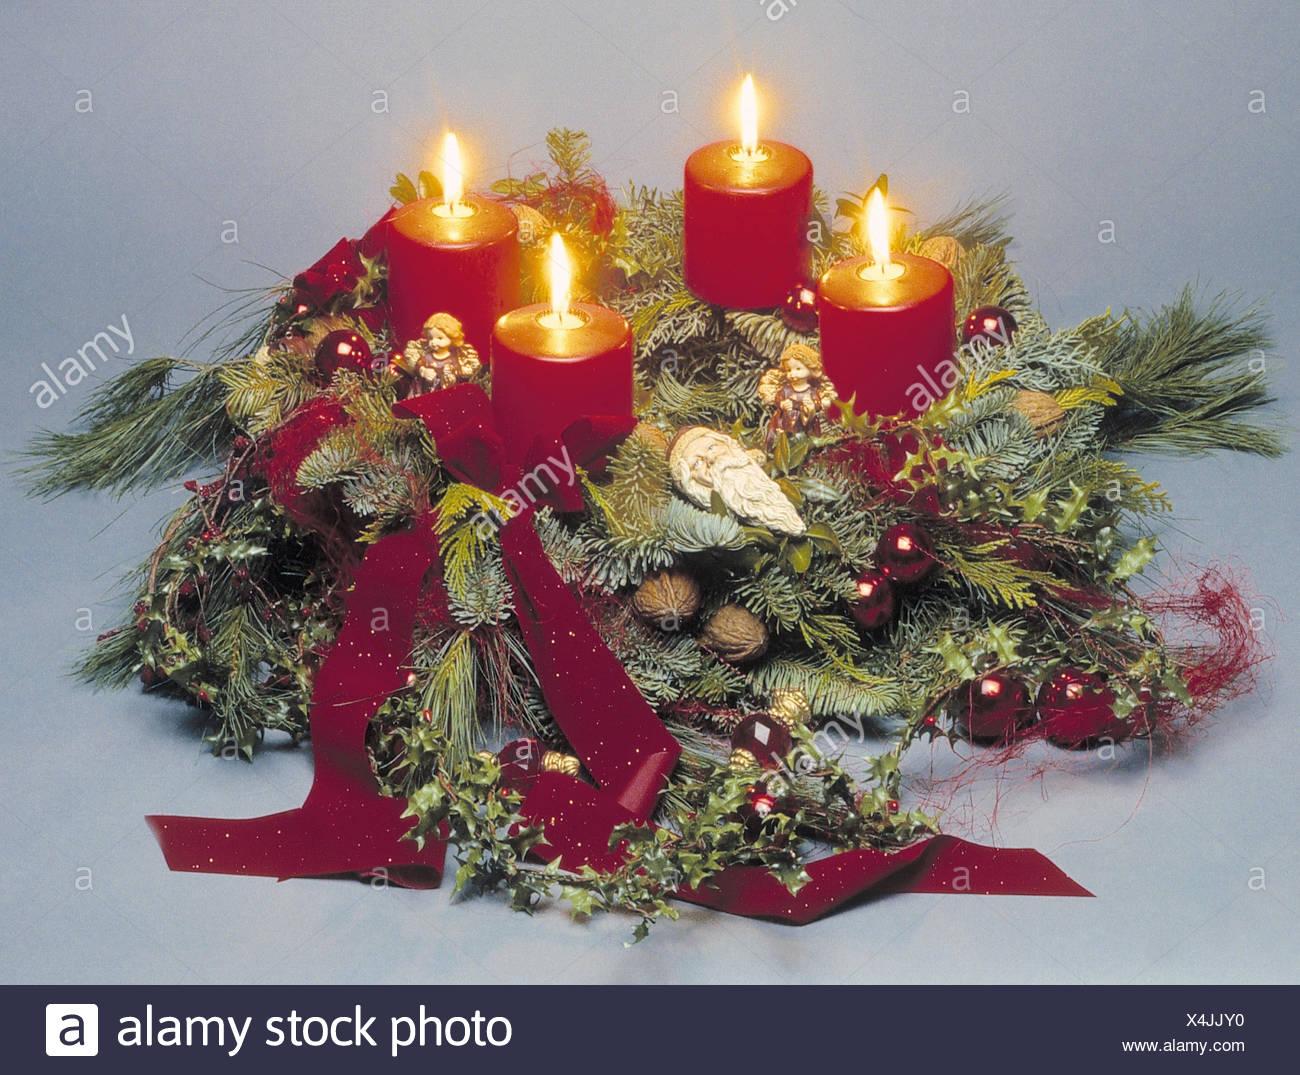 Weihnachten Termine.Adventskranz Kerzen Brennen Wohnraum Dekoration Dekoration